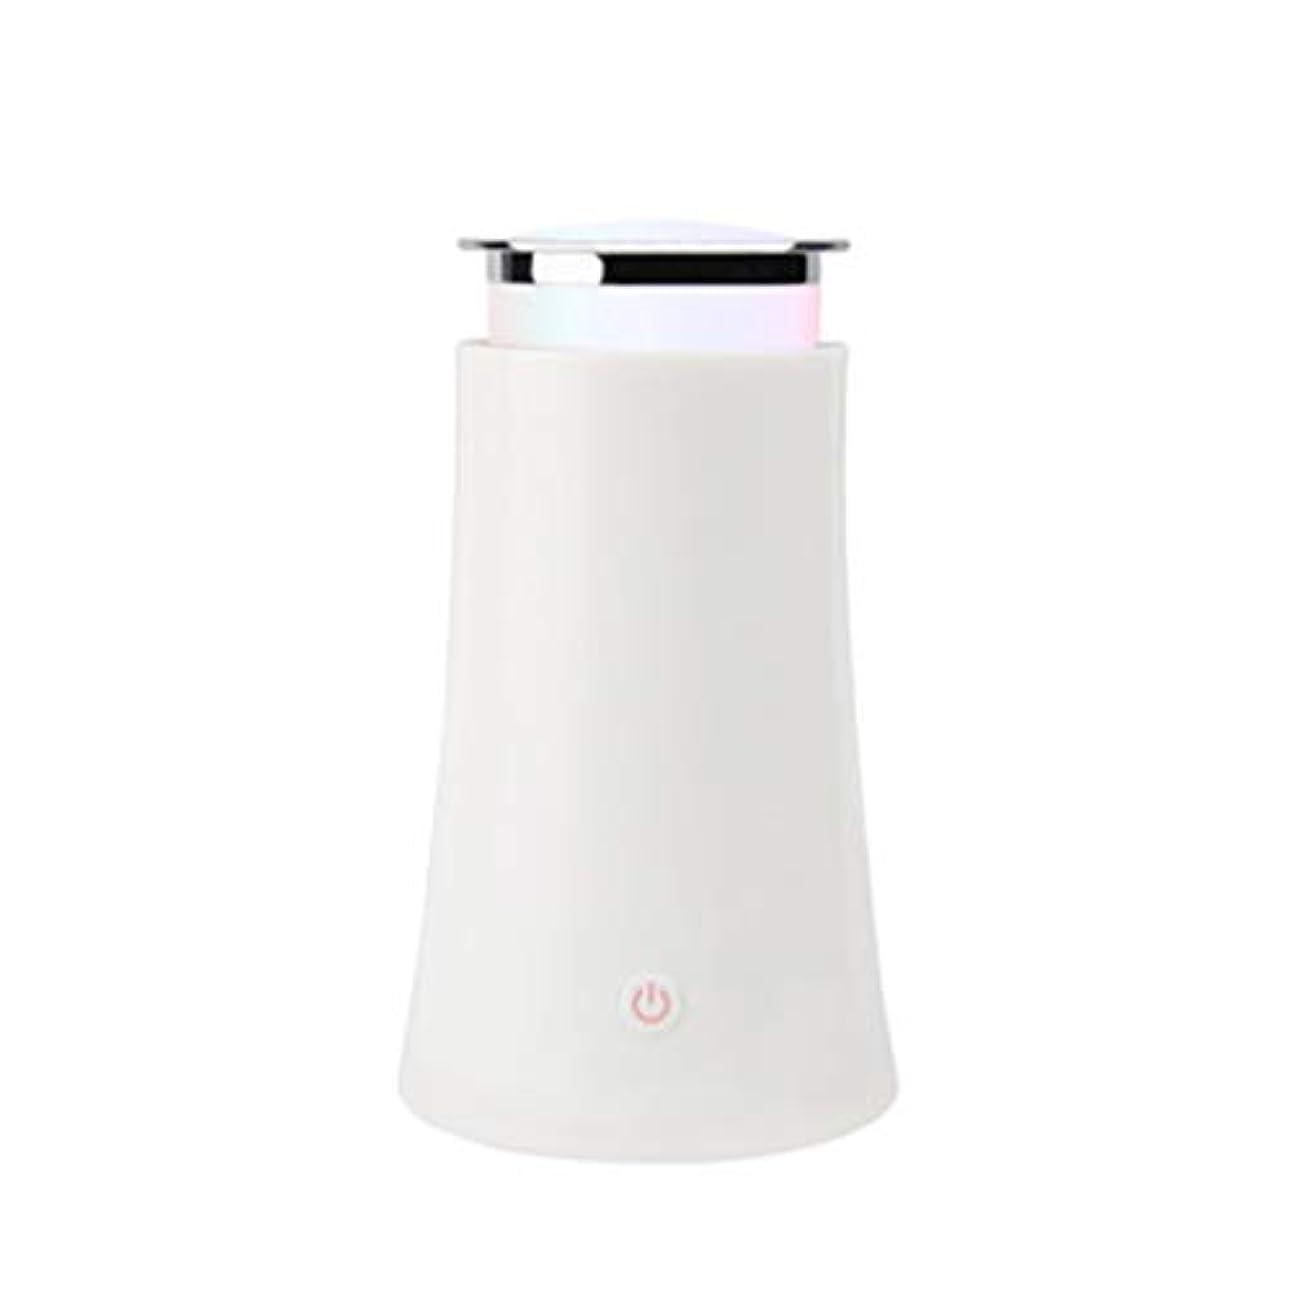 ペンスせせらぎ建設サイレントカラースプレー機超音波加湿器プラグイン加湿器香機世帯 (Color : White)